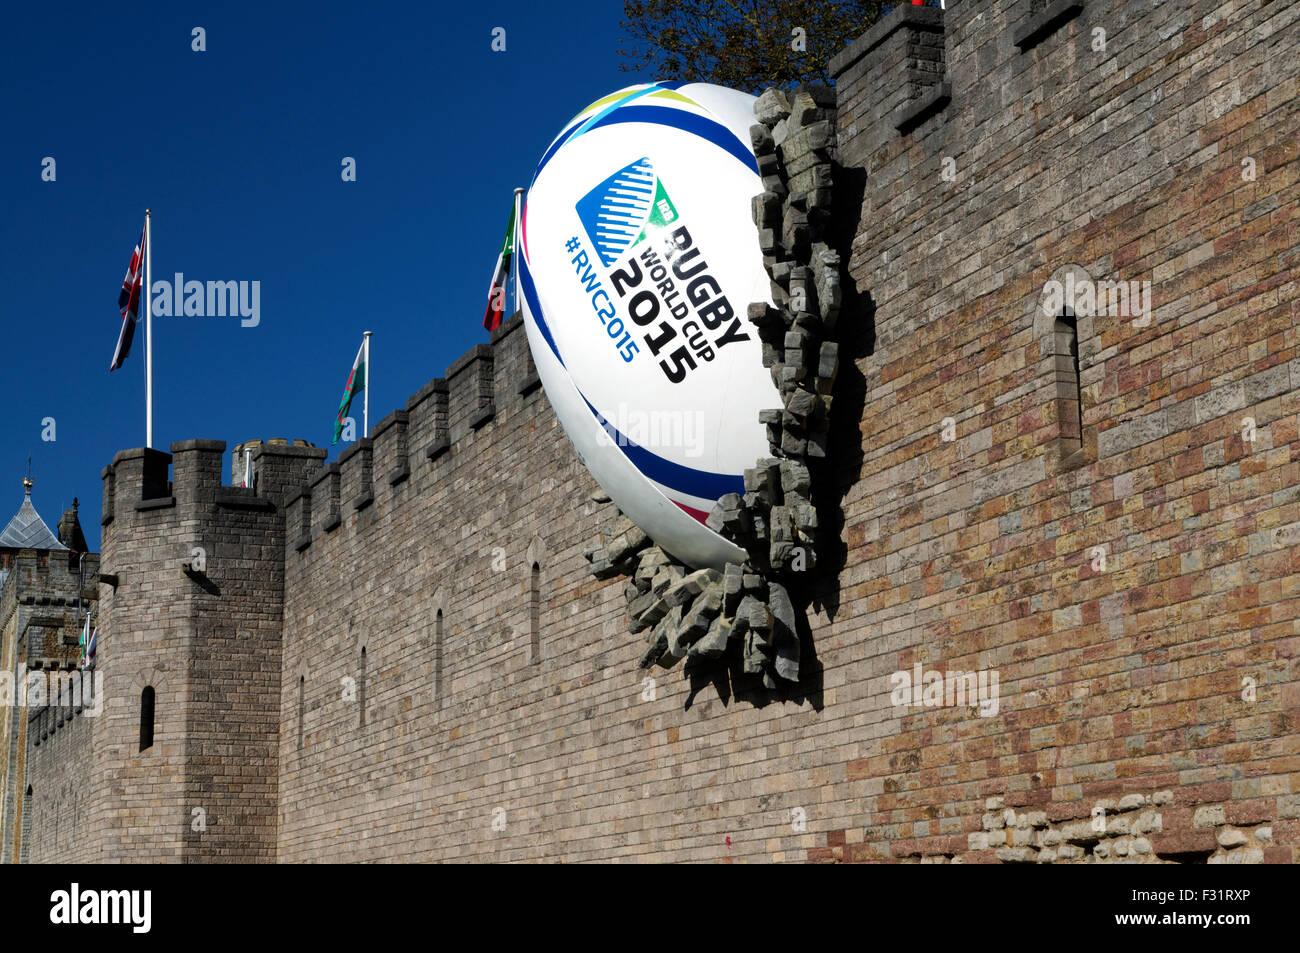 Ballon de rugby géant s'écrasa dans le mur du château de Cardiff pour marquer l'ouverture Photo Stock